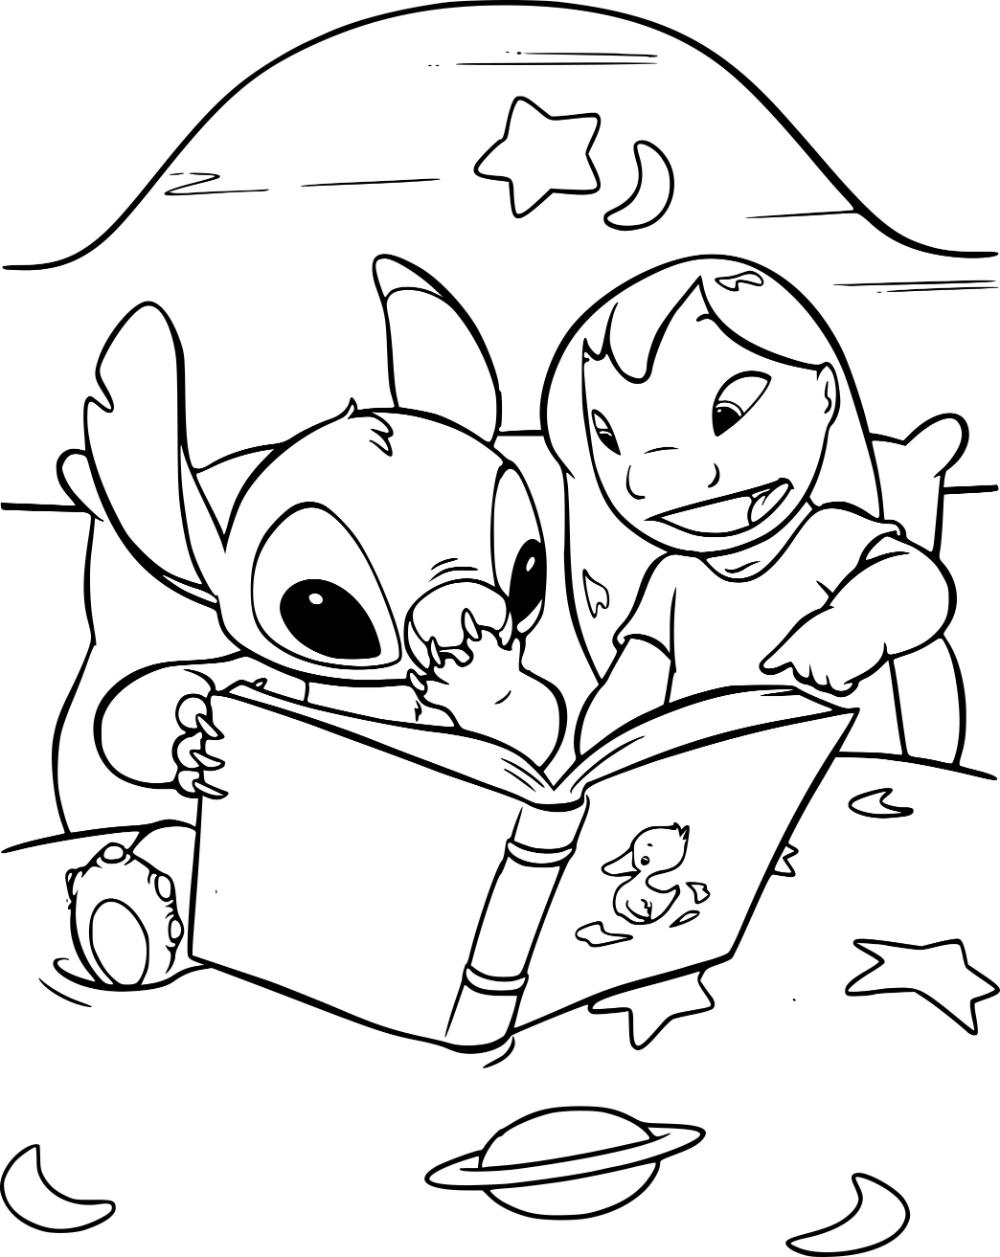 Coloriage Lilo et Stitch jeu à imprimer sur COLORIAGES .info